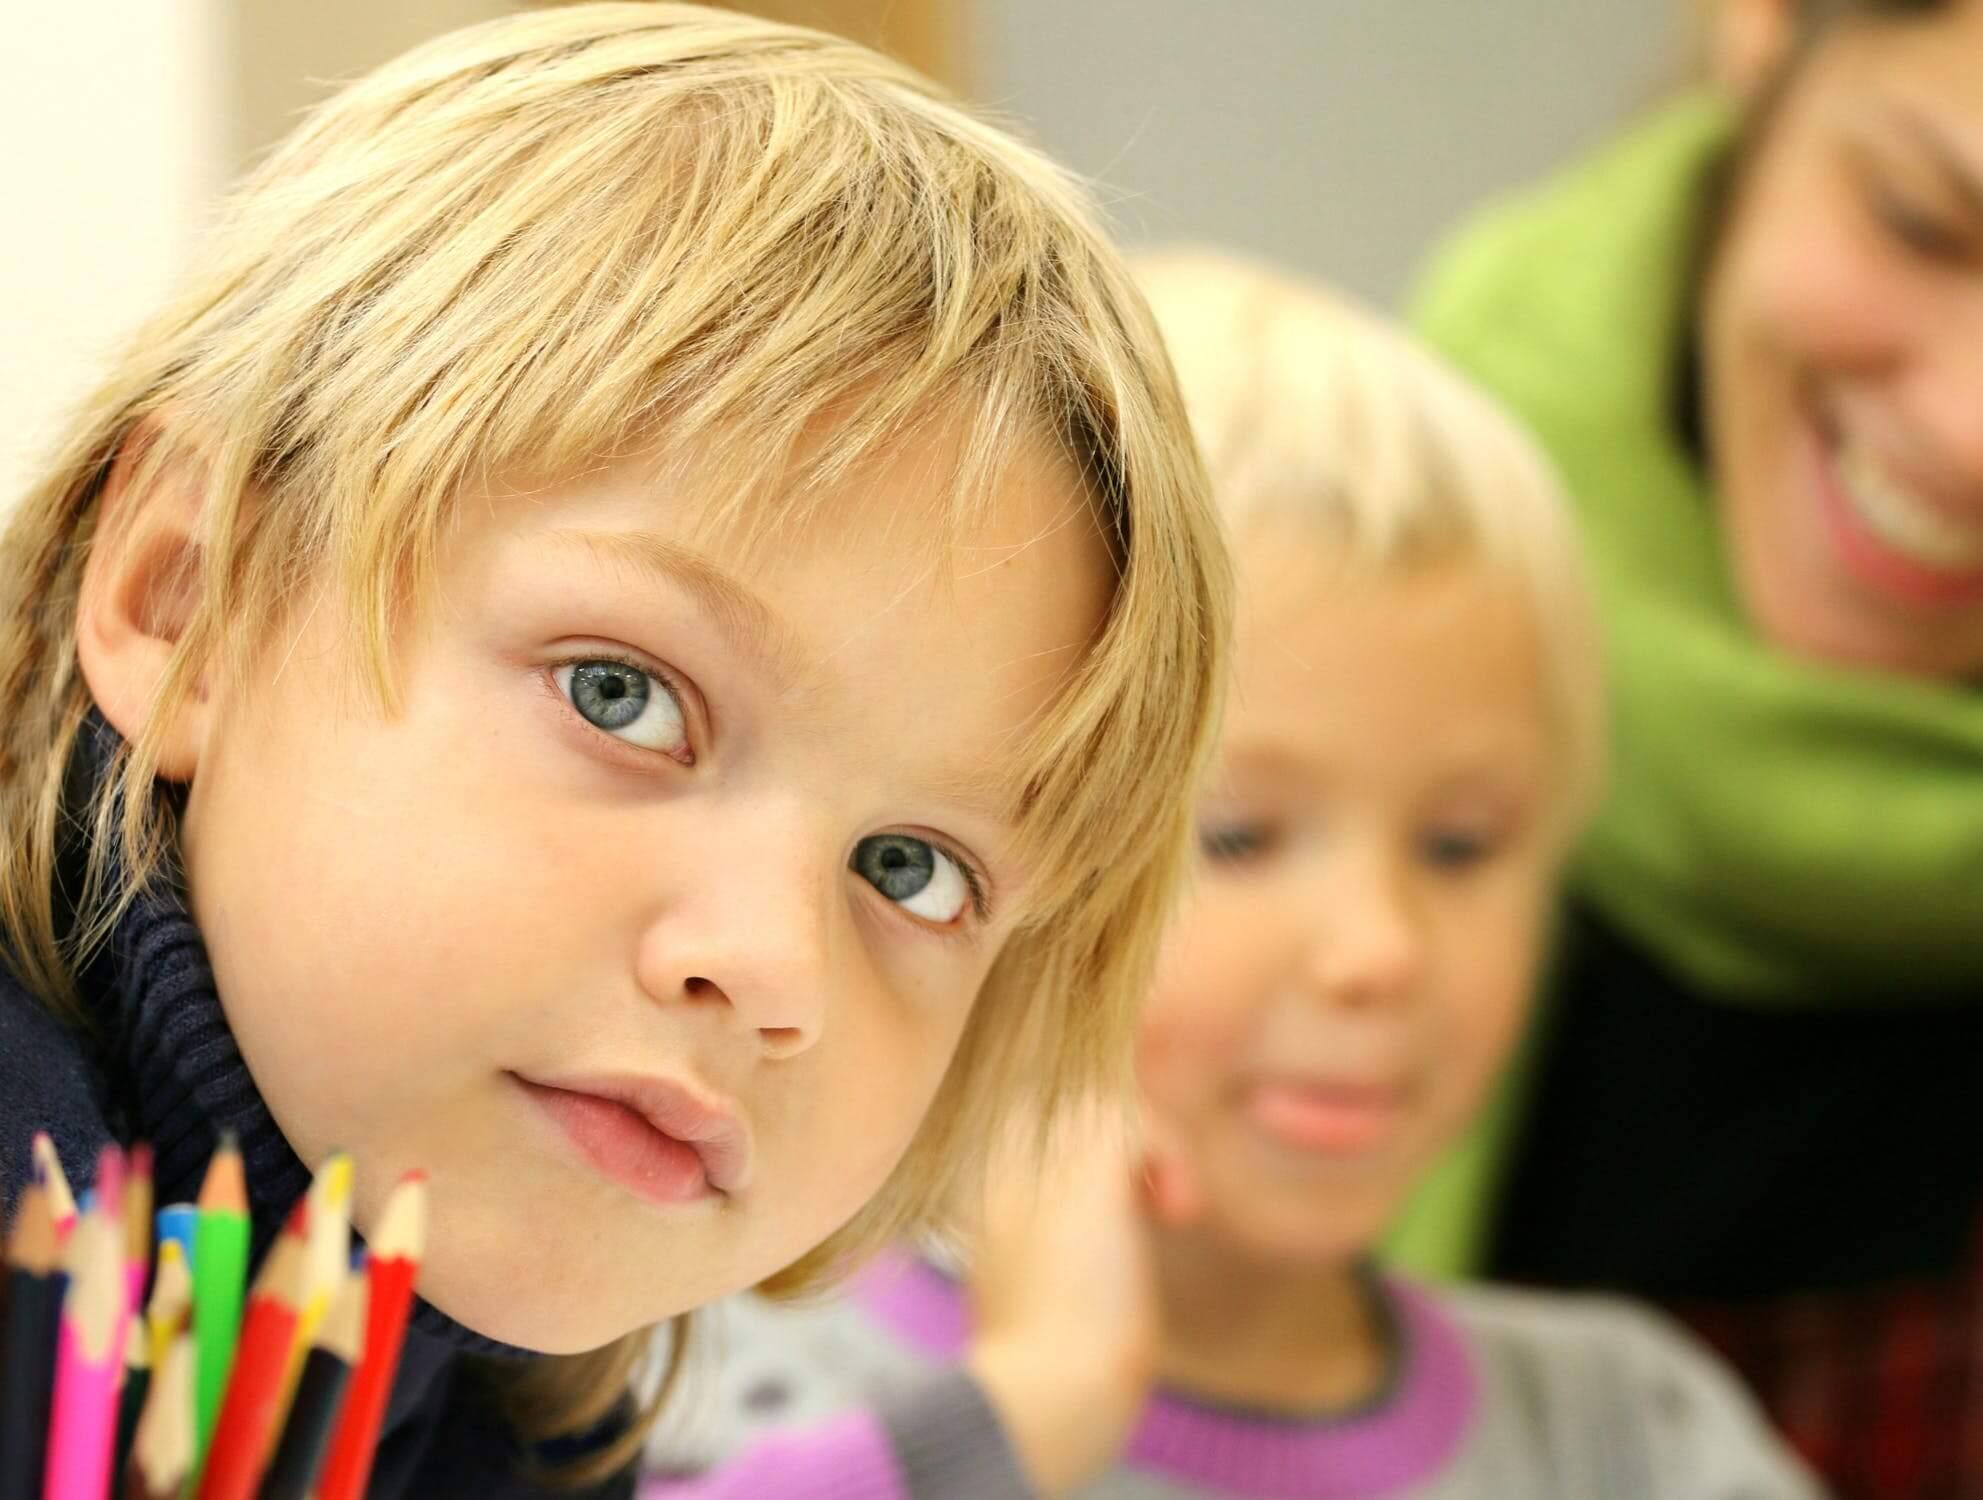 Buďte svojím deťom vzorným príkladom a vždy a zreteľne pozdravte nahlas